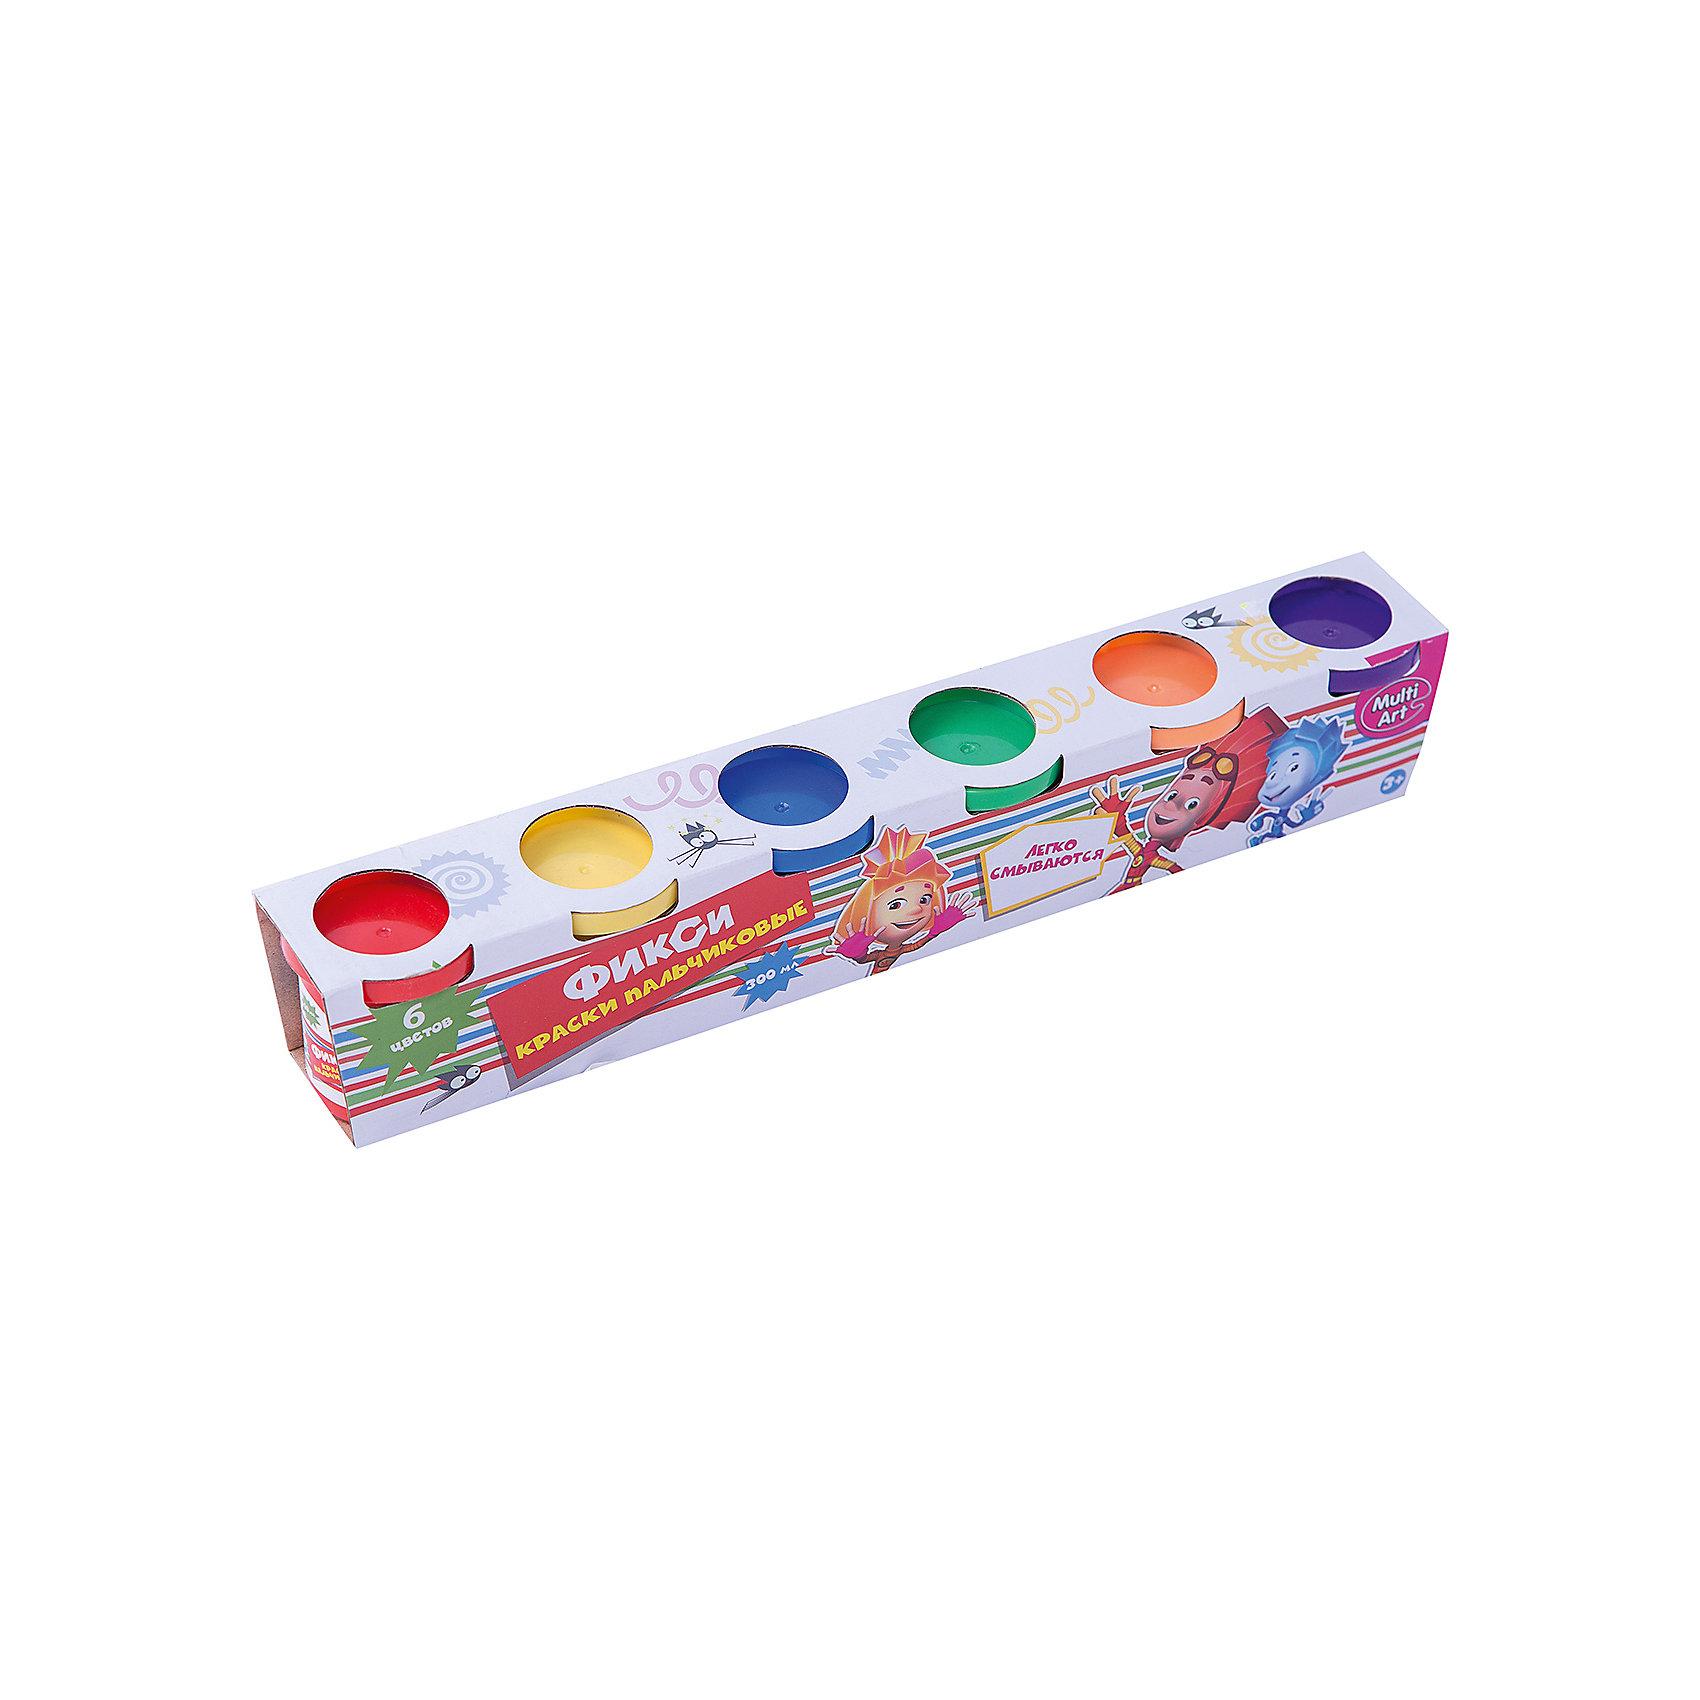 Пальчиковые краски ФиксикиХарактеристики:<br><br>• Предназначение: для занятий художественным творчеством<br>• Коллекция: Фиксики<br>• Пол: универсальный<br>• Материал: водная основа, натуральные пищевые красители, пластик, картон<br>• Цвет: красный, желтый, зеленый, синий, оранжевый, фиолетовый<br>• Комплектация: набор пальчиковых красок из 6-ти цветов<br>• Размеры (Д*Ш*В): 5*6*33 см<br>• Вес: 430 г <br>• Упаковка: картонная коробка<br><br>Пальчиковые краски Фиксики от ведущего торгового бренда товаров для творчества Multiart предназначены для занятий художественным творчеством с детьми раннего дошкольного возраста. Выполненные из экологически безопасных и нетоксичных материалов, пальчиковые краски не вызывают аллергии и раздражения на коже. Выполненные на водной основе с добавлением натуральных красителей, краски легко отмываются с любых поверхностей и без труда отстирываются с одежды. Пальчиковые краски имеют яркие оттенки, легко смешиваются между собой, не растекаются, благодаря своей кремообразной консистенции, при необходимости их можно разводить водой. Рисовать красками можно как пальчиками или ладошками, так и кисточками, что сделает творческий процесс еще более увлекательным для вашего малыша. Занятия художественным творчеством с пальчиковыми красками Фиксики позволят научить ребенка распознавать основные цвета и создавать из них различные оттенки, разовьют фантазию и воображение, а также будут способствовать развитию мелкой моторики рук.<br><br>Пальчиковые краски Фиксики можно купить в нашем интернет-магазине.<br><br>Ширина мм: 50<br>Глубина мм: 60<br>Высота мм: 330<br>Вес г: 430<br>Возраст от месяцев: 36<br>Возраст до месяцев: 72<br>Пол: Унисекс<br>Возраст: Детский<br>SKU: 5196977